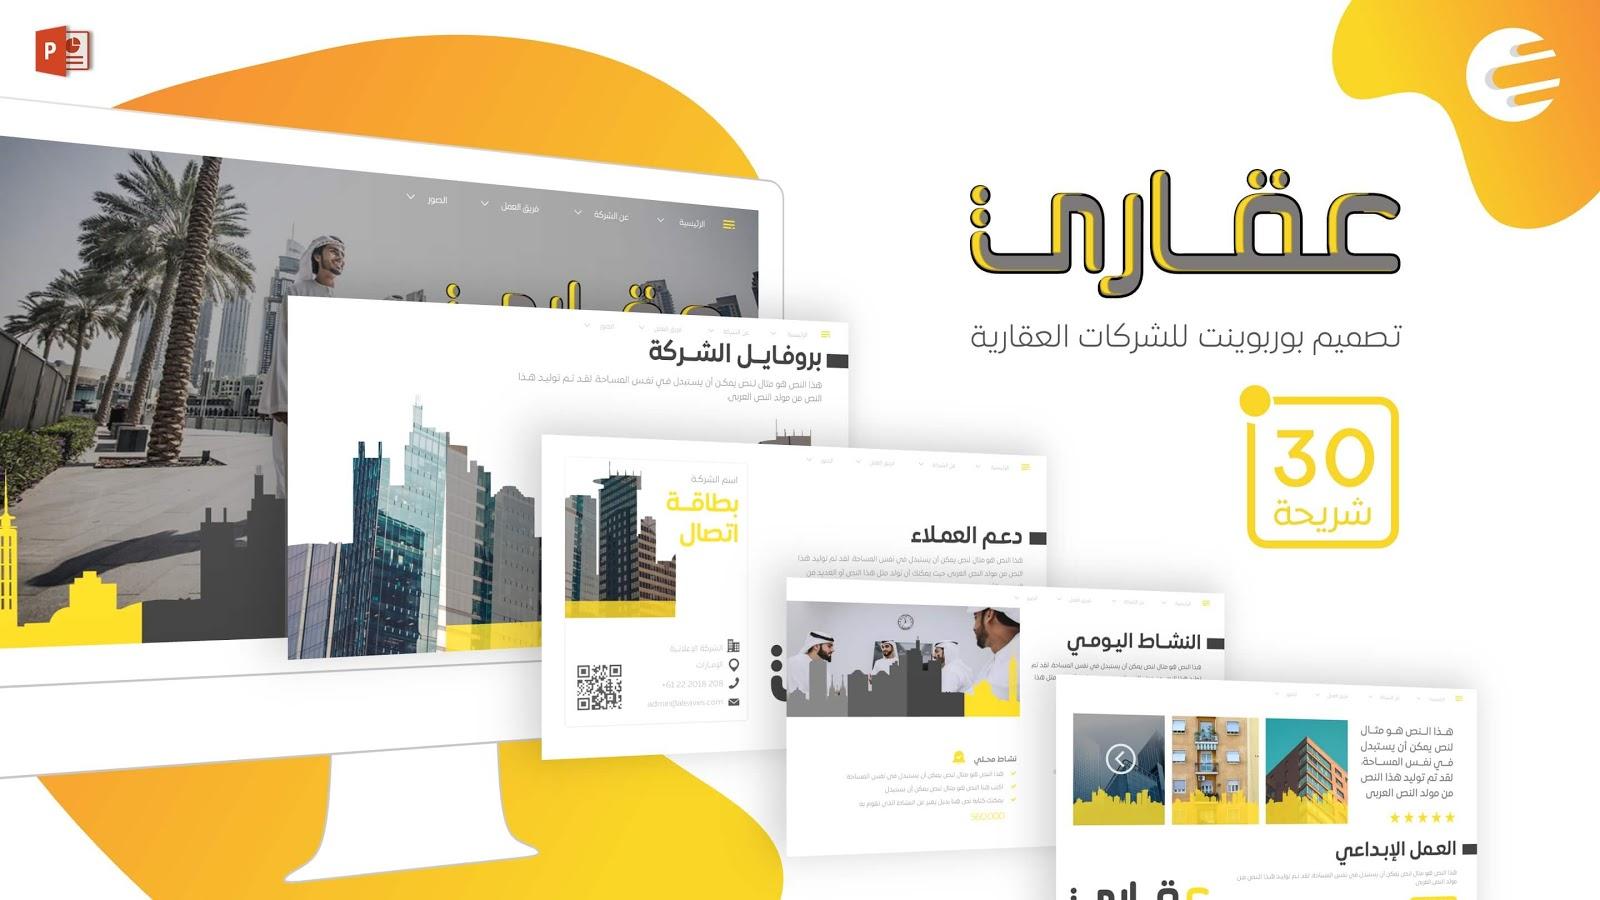 عقاري-قالب بوربوينت جاهز لشركات إنشاء المباني